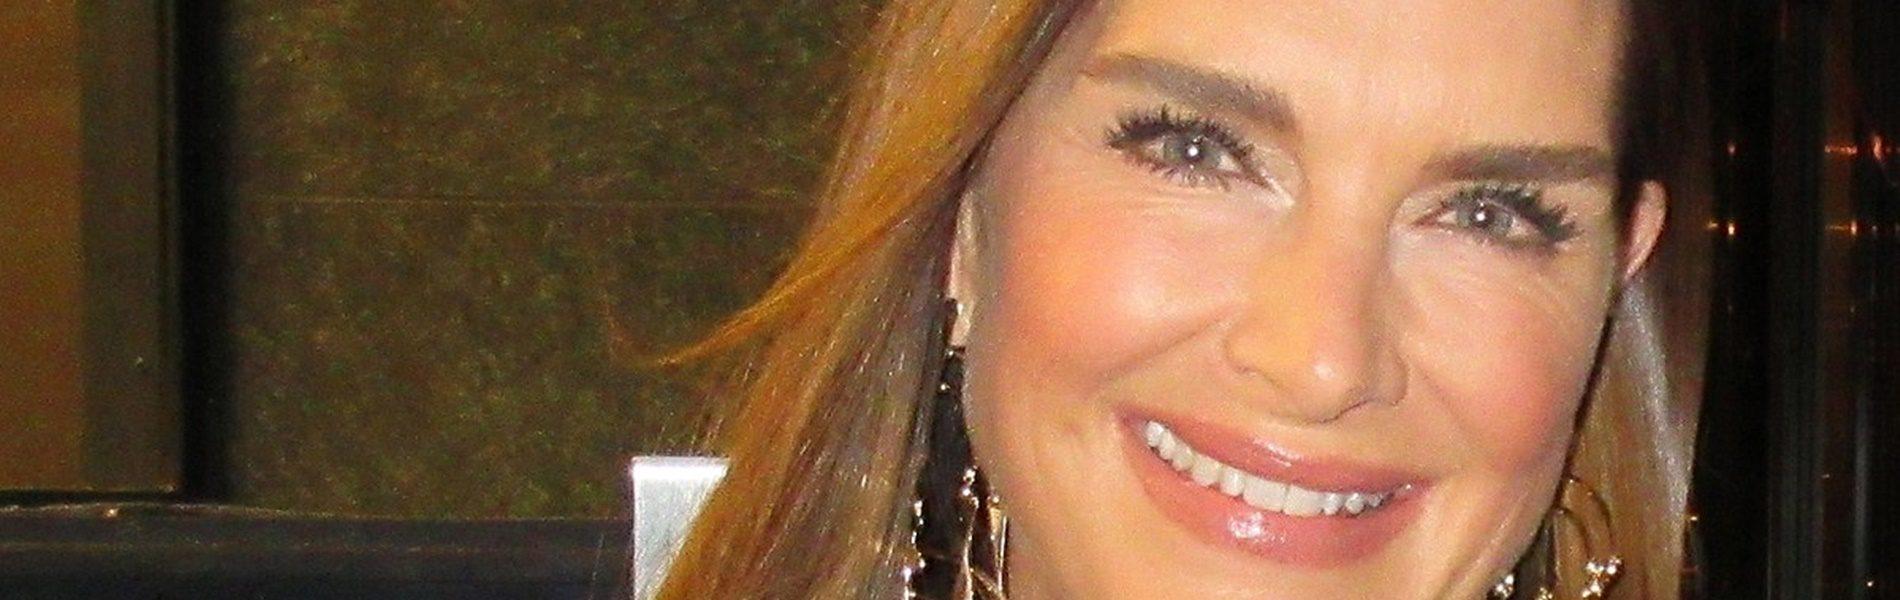 Plasztika nélkül is gyönyörű az 56 éves Brooke Shields - Ámulunk a friss fotóján